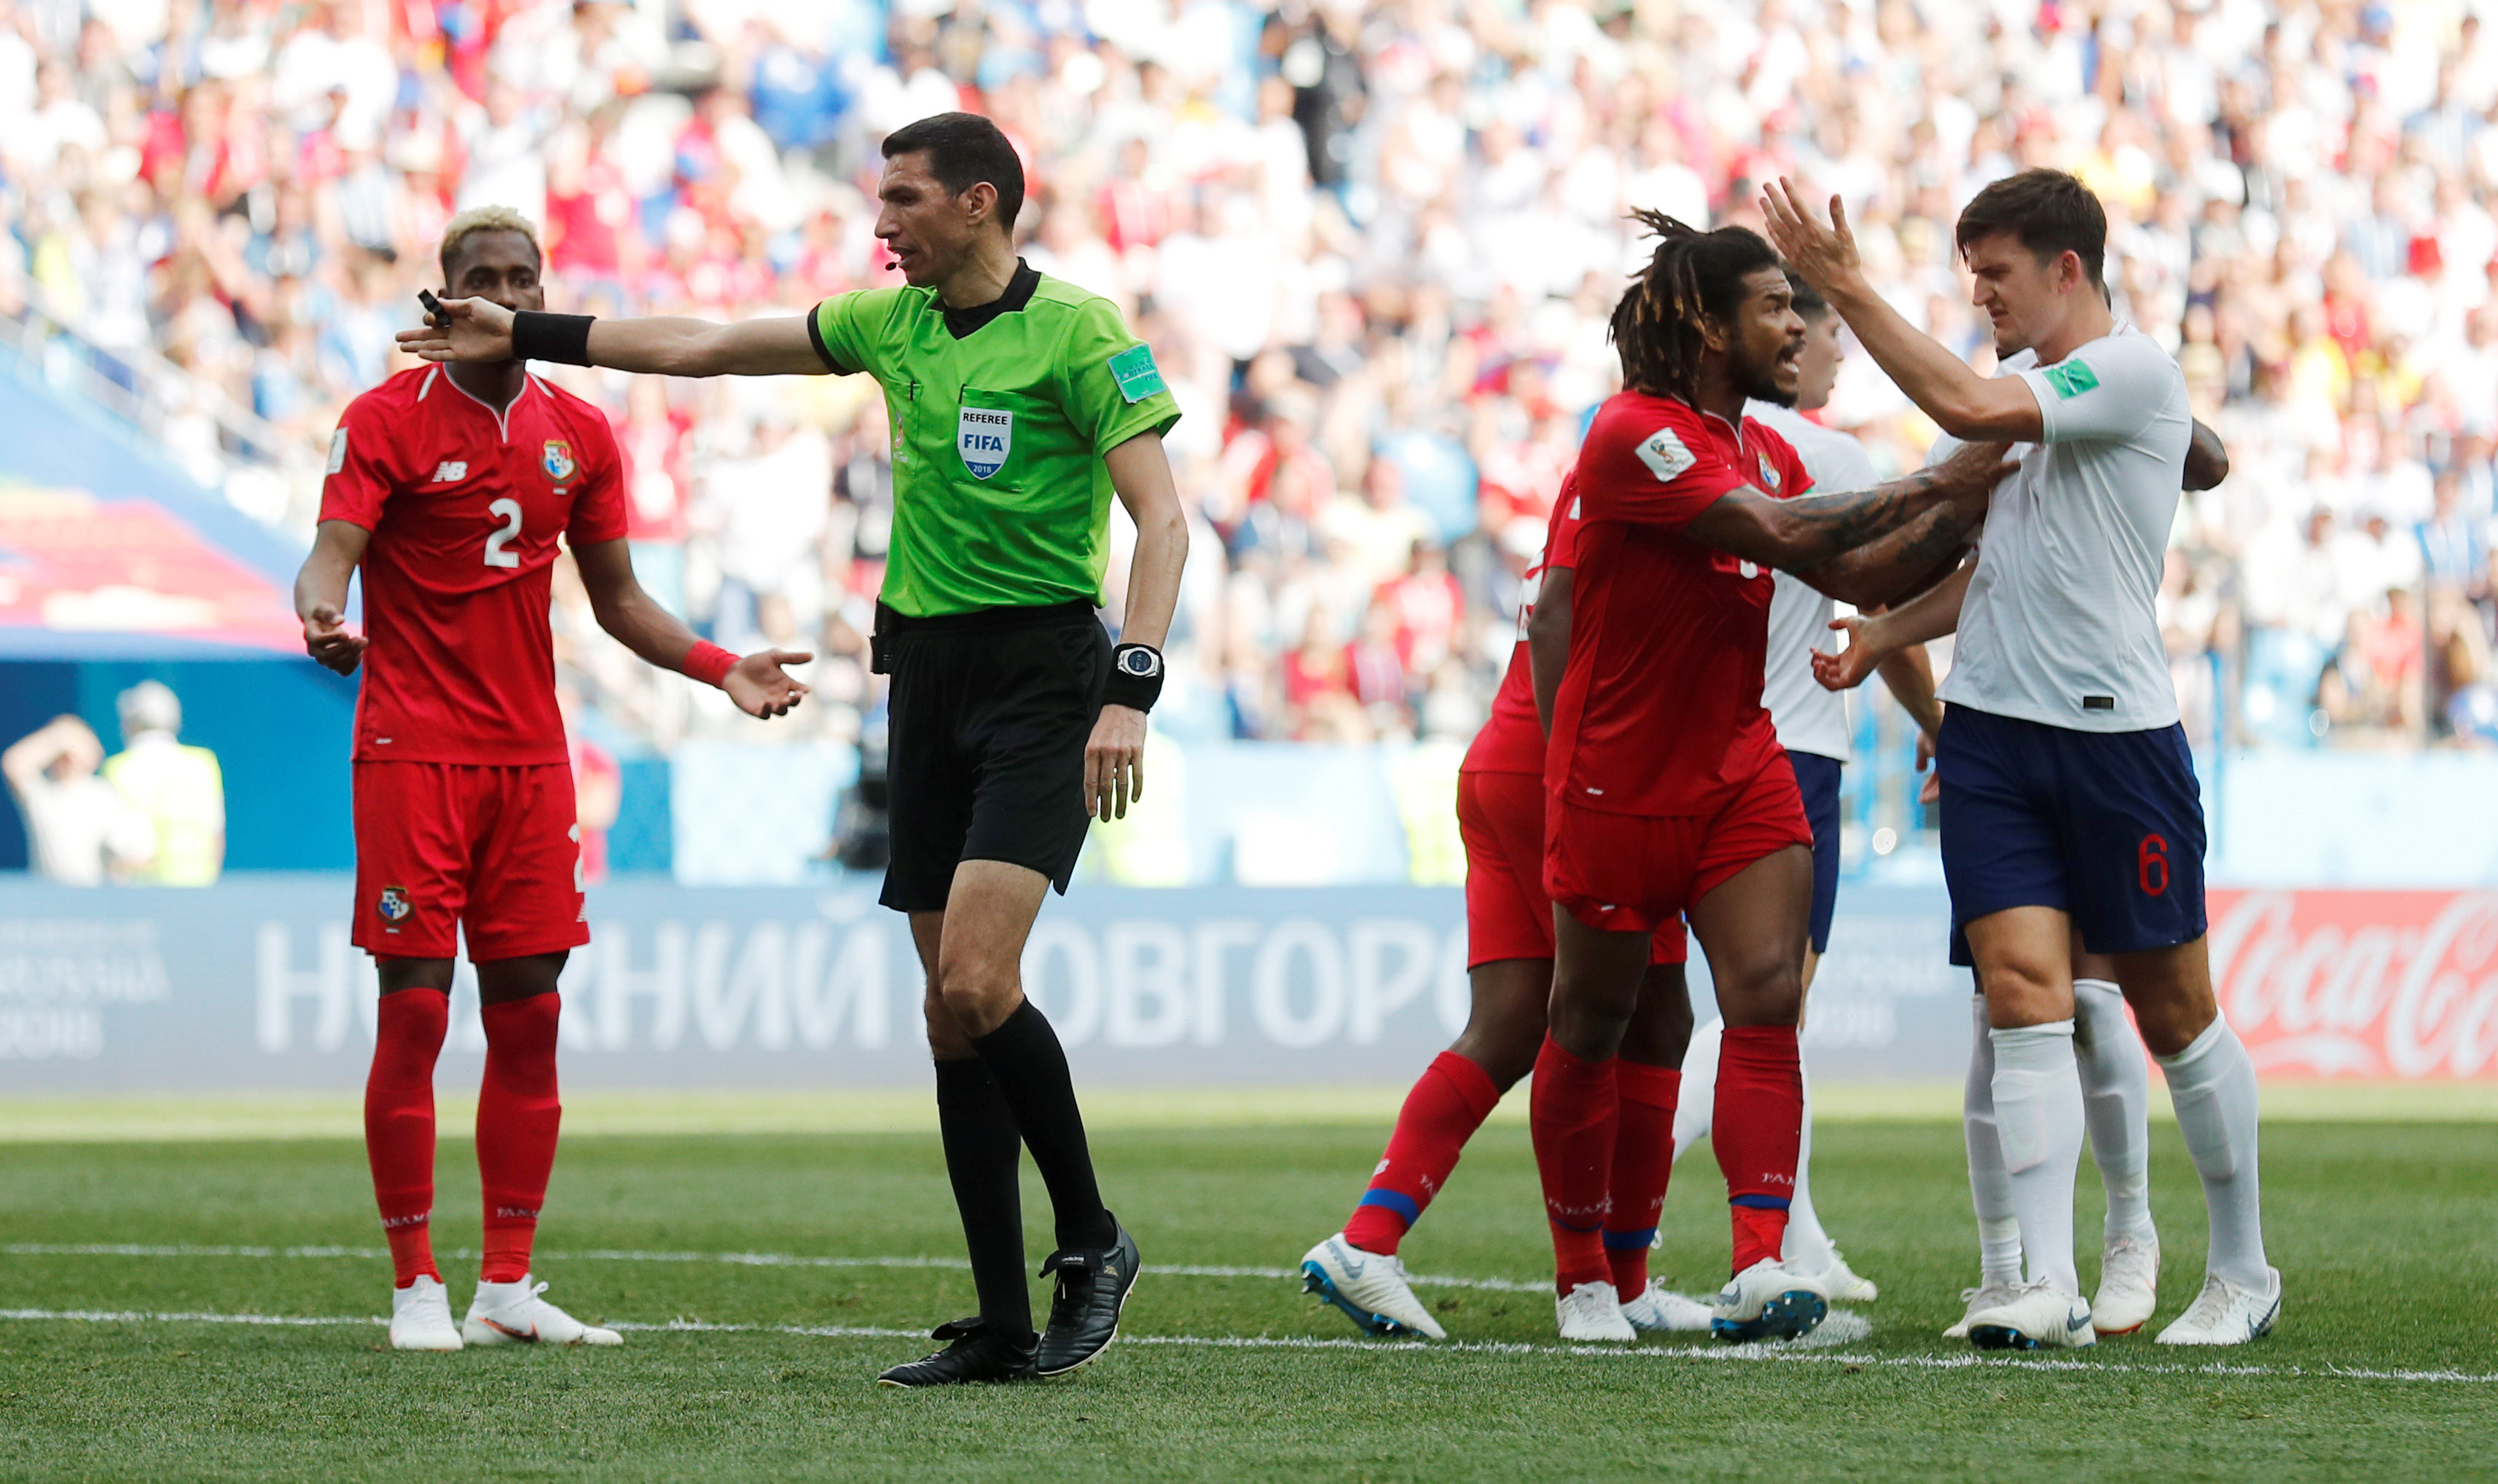 صافرة جهاد جريشة تدير مباراة إنجلترا وبنما